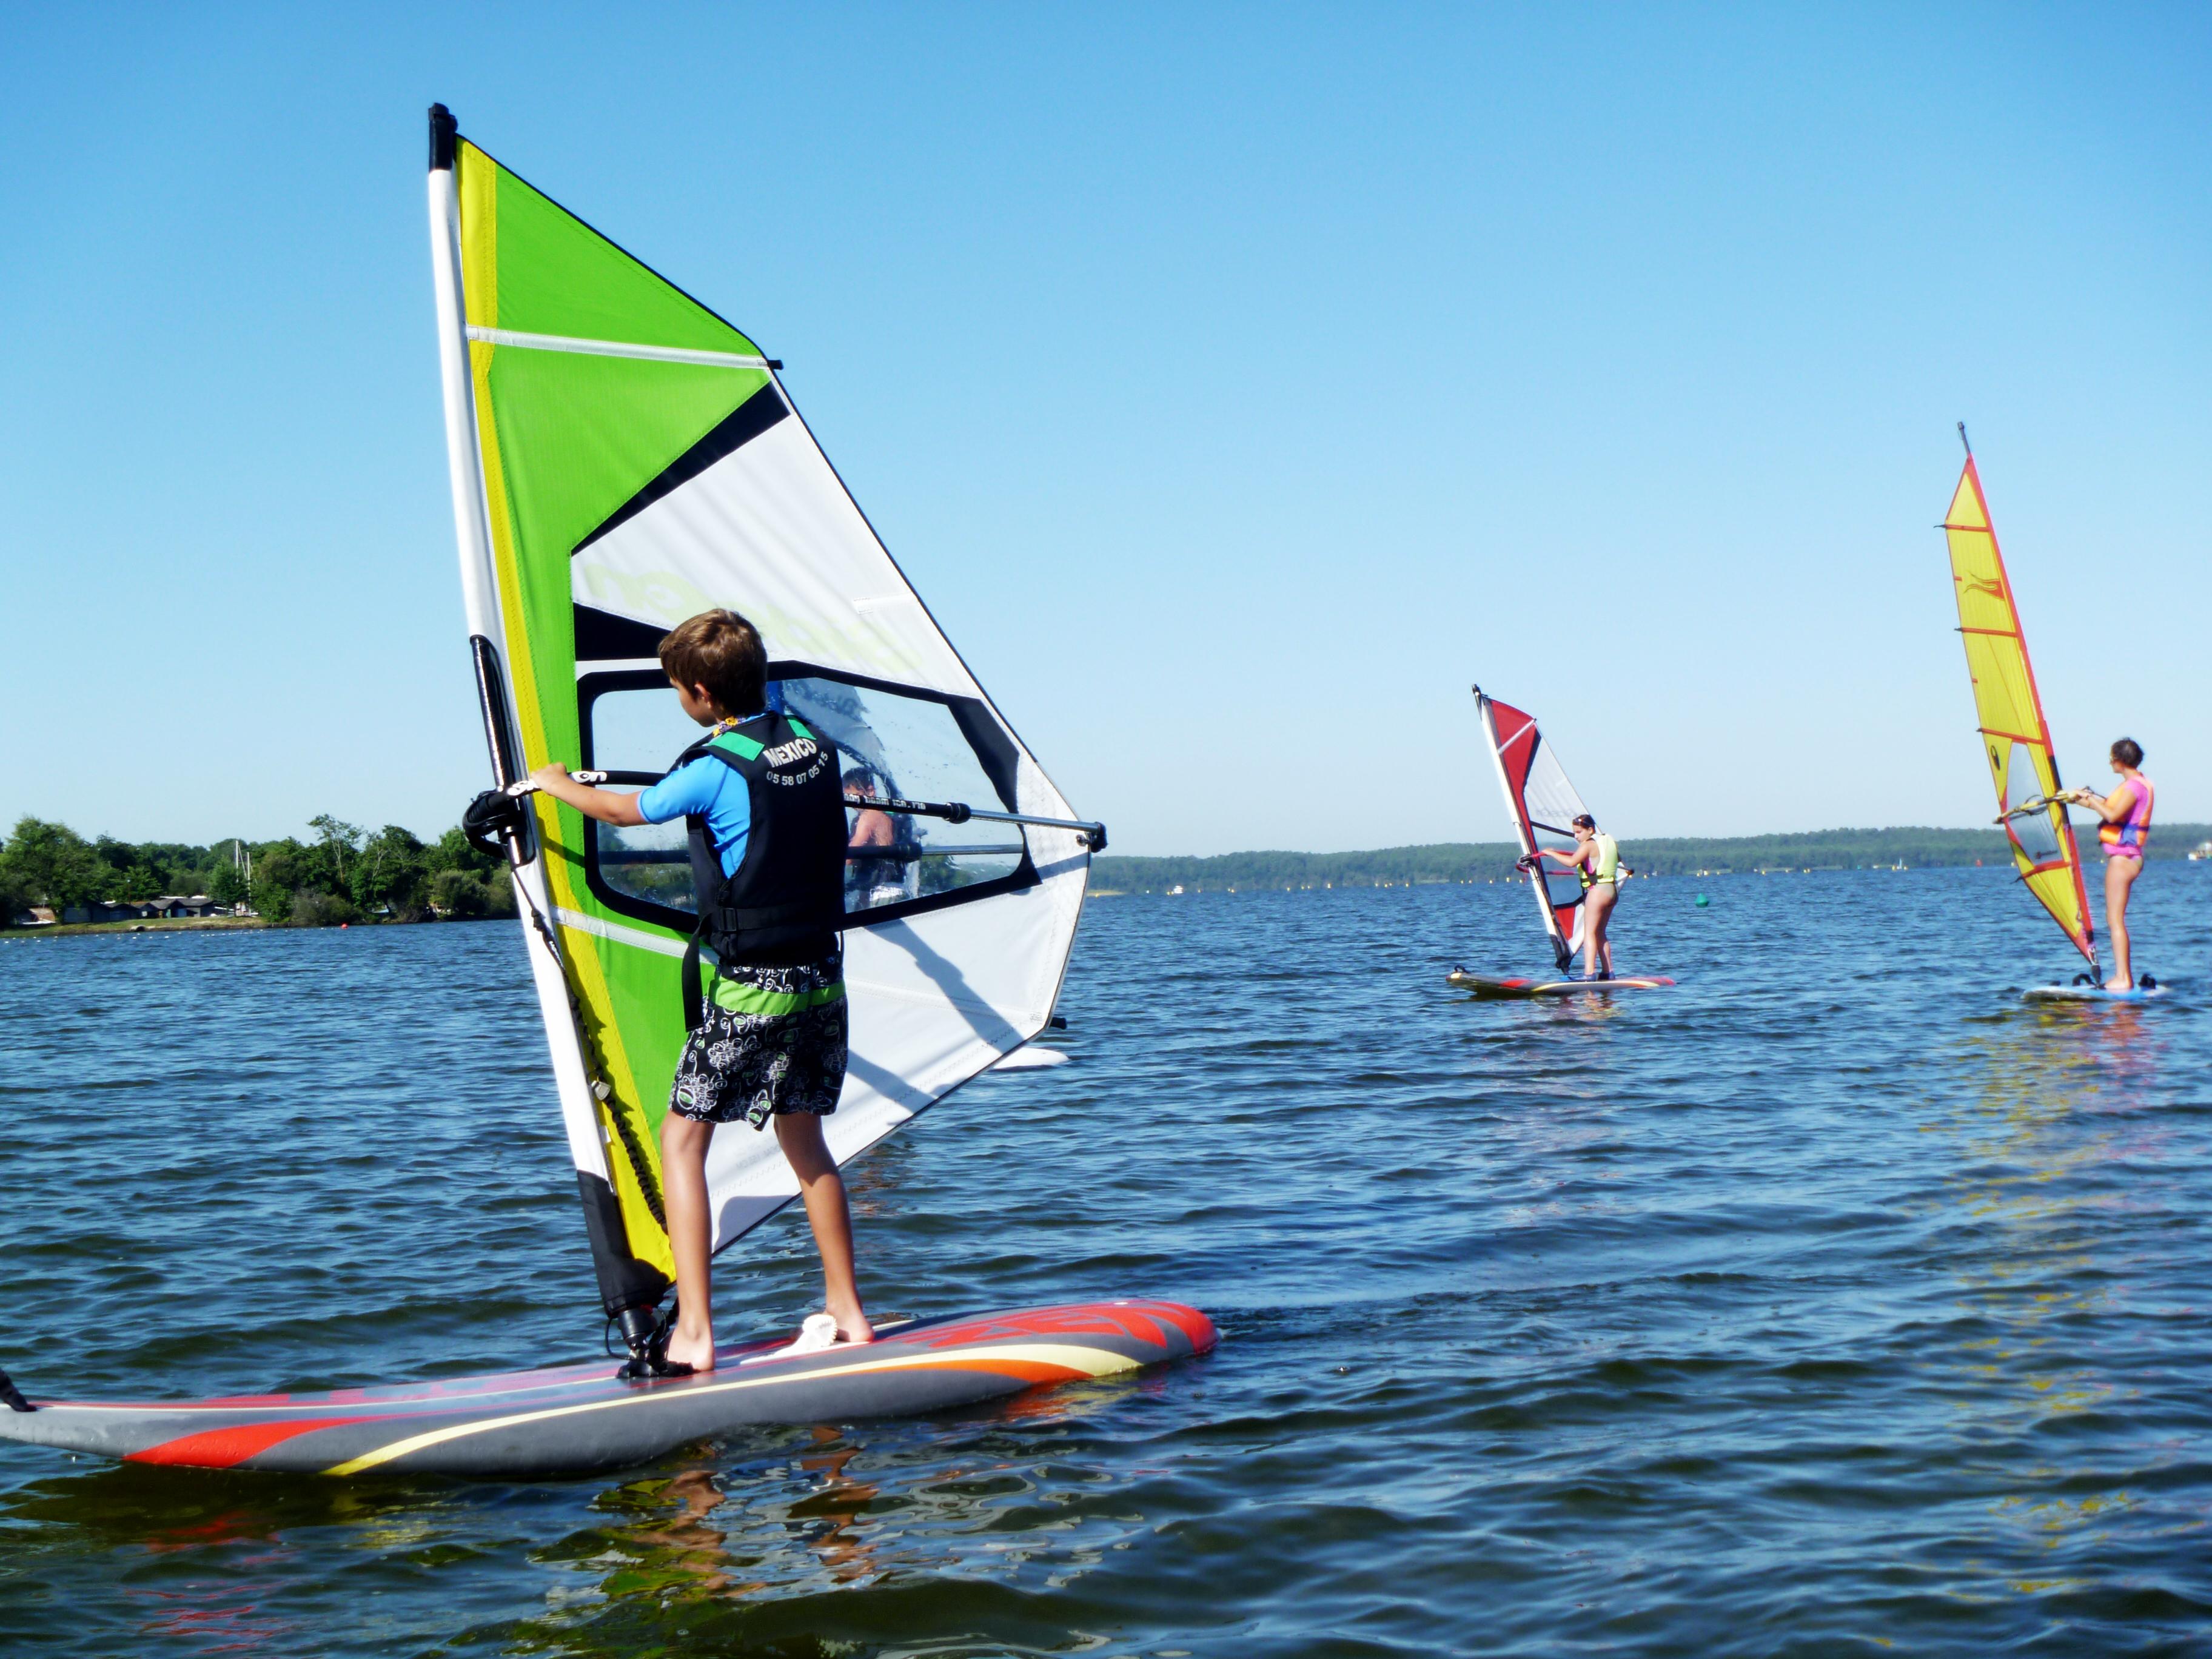 Cours collectif planche à voile débutant Ecole de voile sur le lac de Biscarrosse